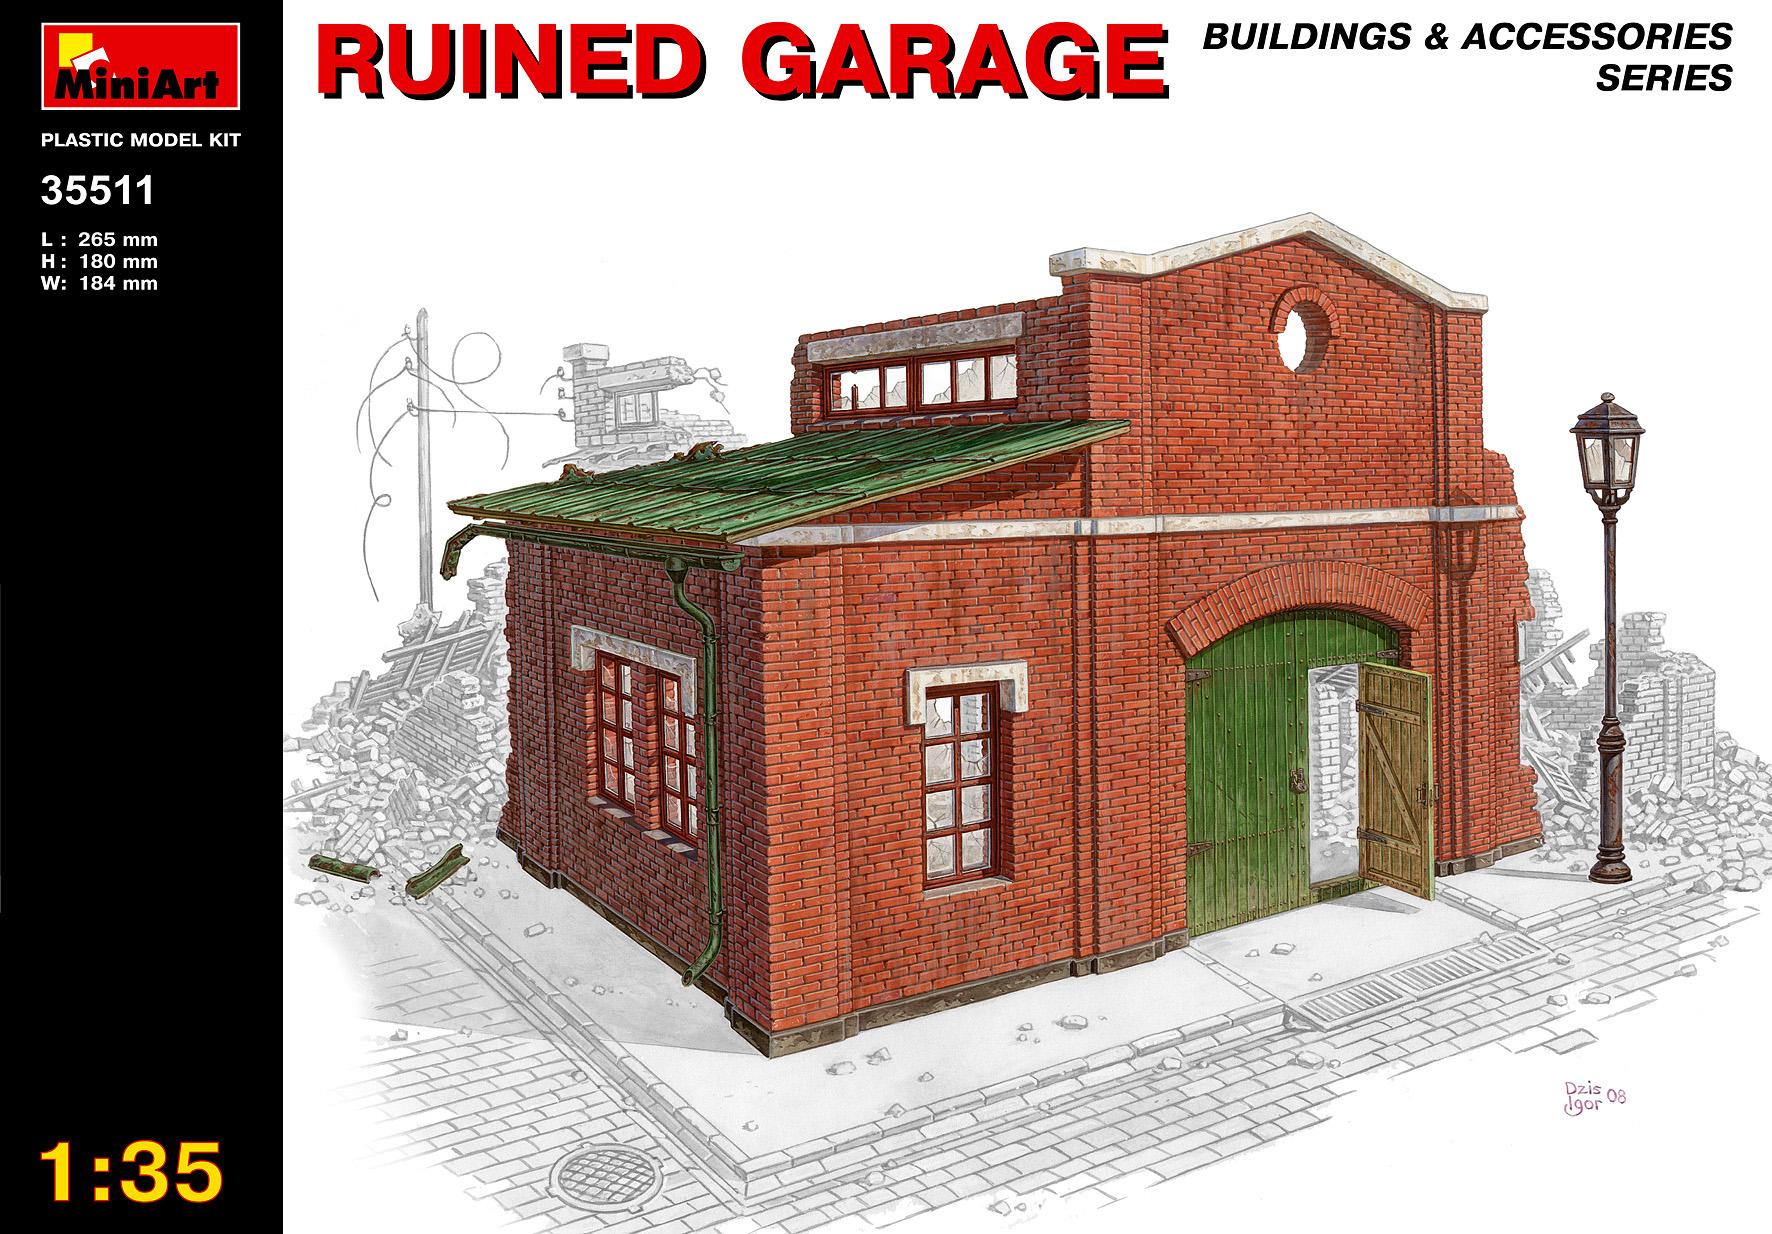 35511 RUINED GARAGE